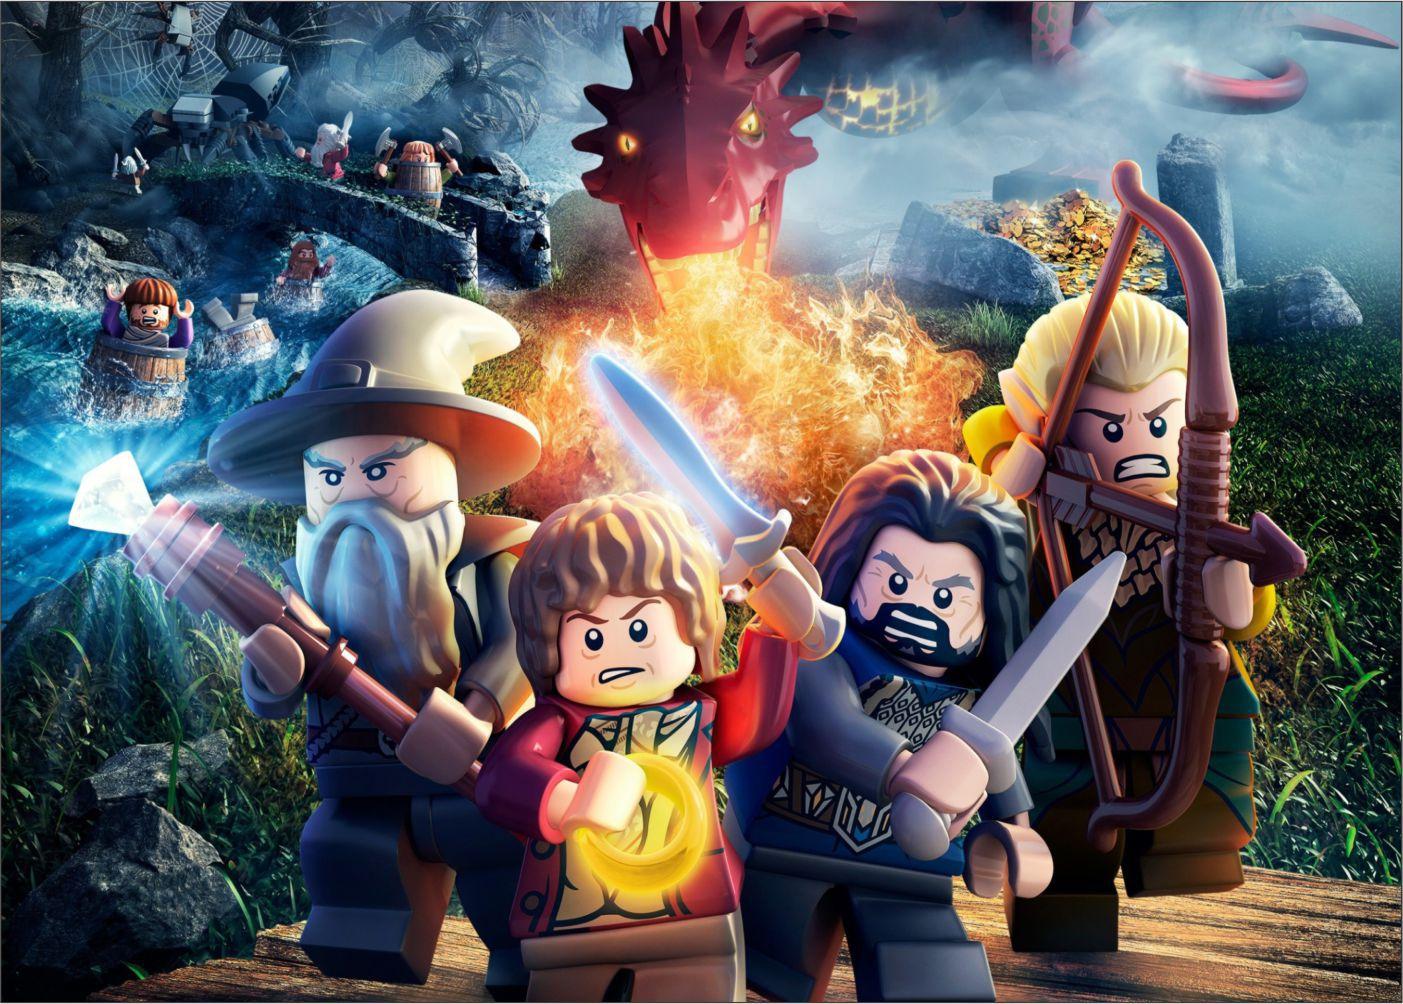 Papel de Parede Infantil Heróis lego 0012  - Paredes Decoradas